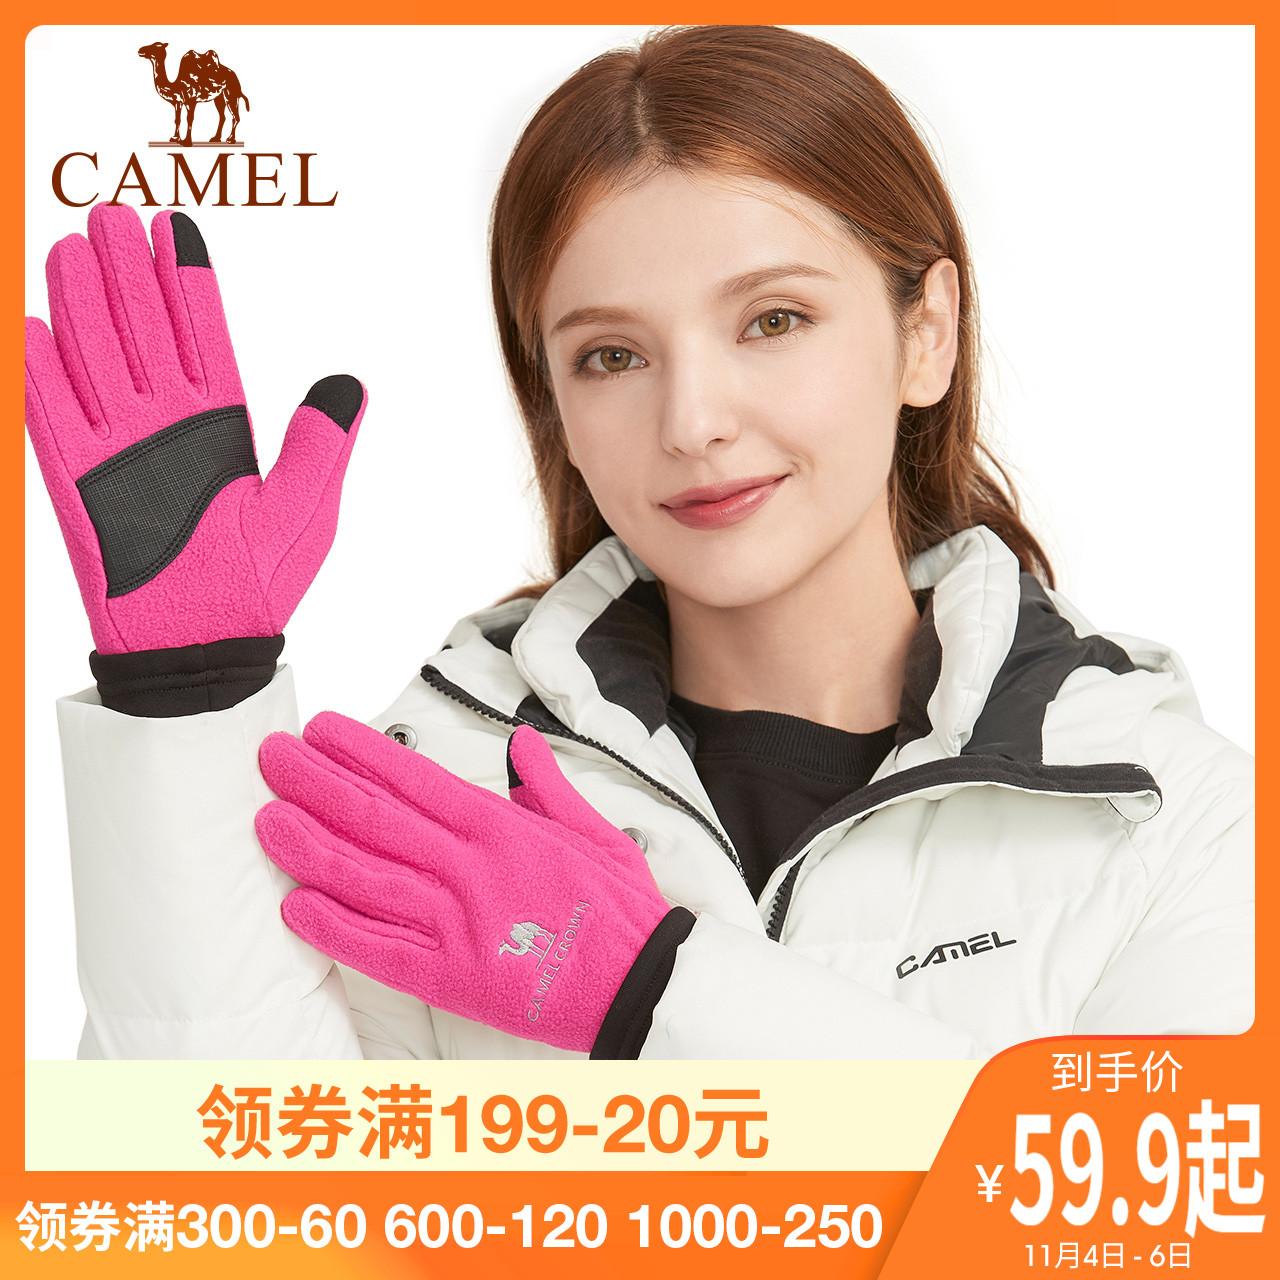 保暖手套有哪些品牌比较好(最值入手的骆驼保暖手套)